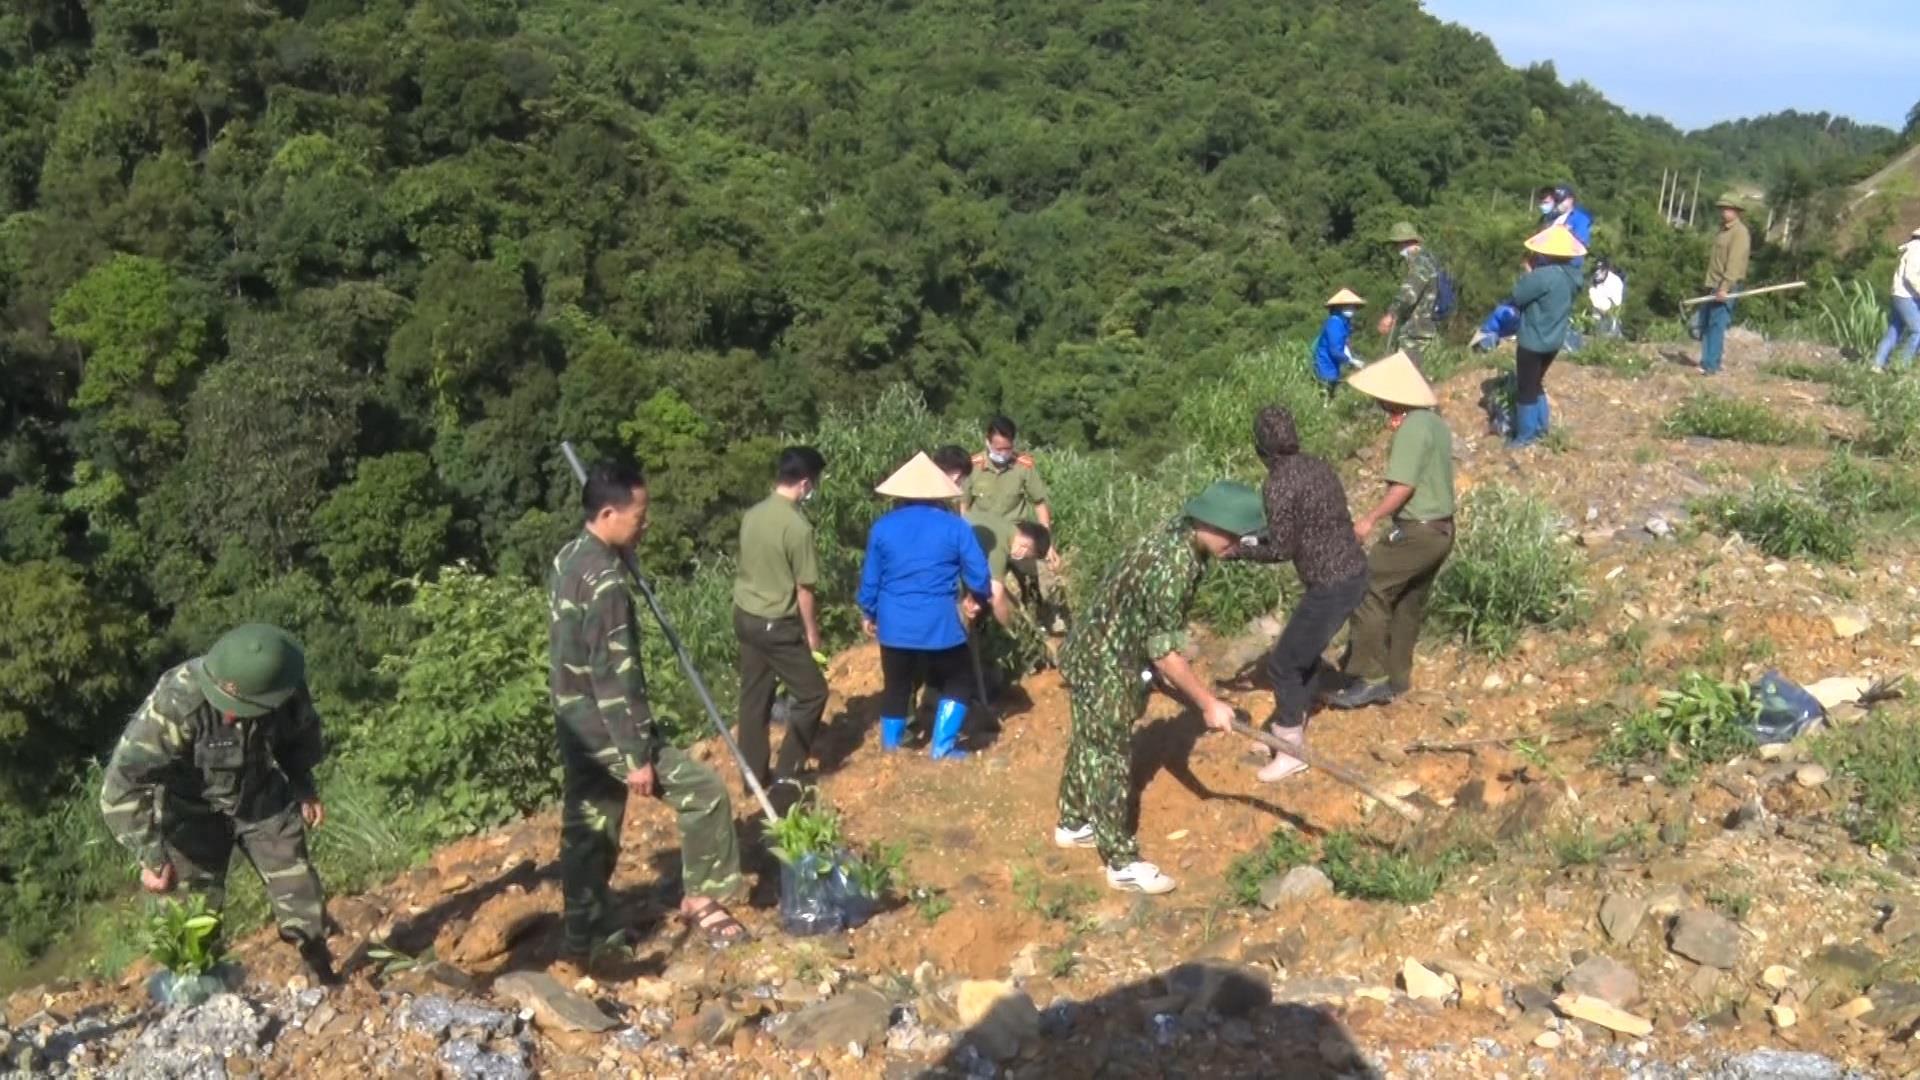 Thạch An: Đoàn viên thanh niên ra quân trồng 2 nghìn cây xanh khu vực rừng phòng hộ